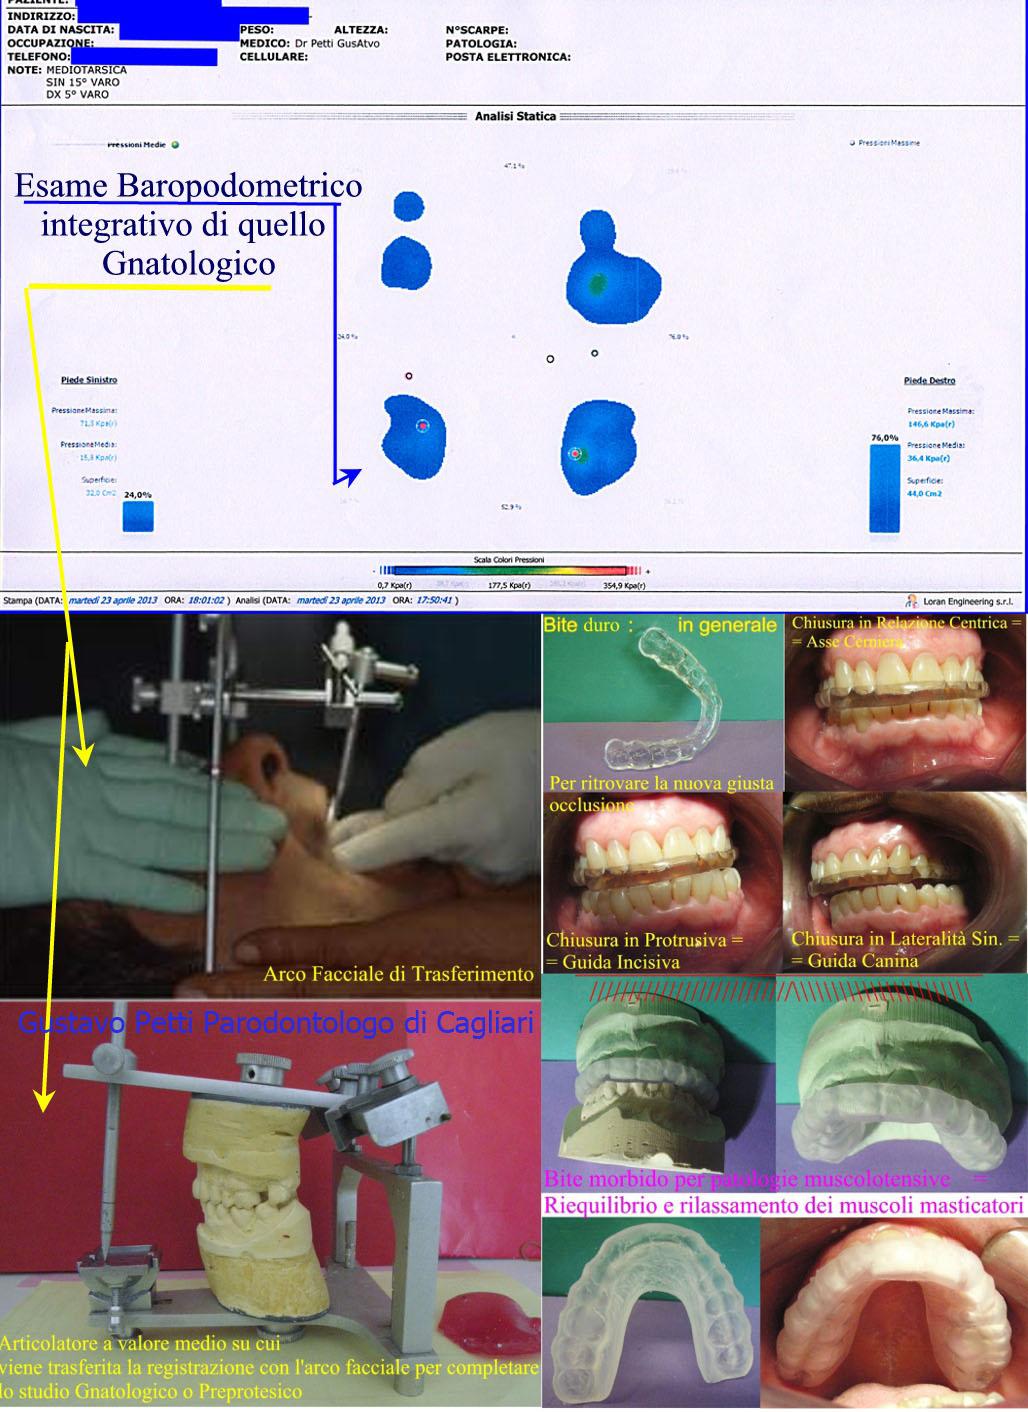 analisi-gnatologica-dr-g.petti-cagliari-273.jpg